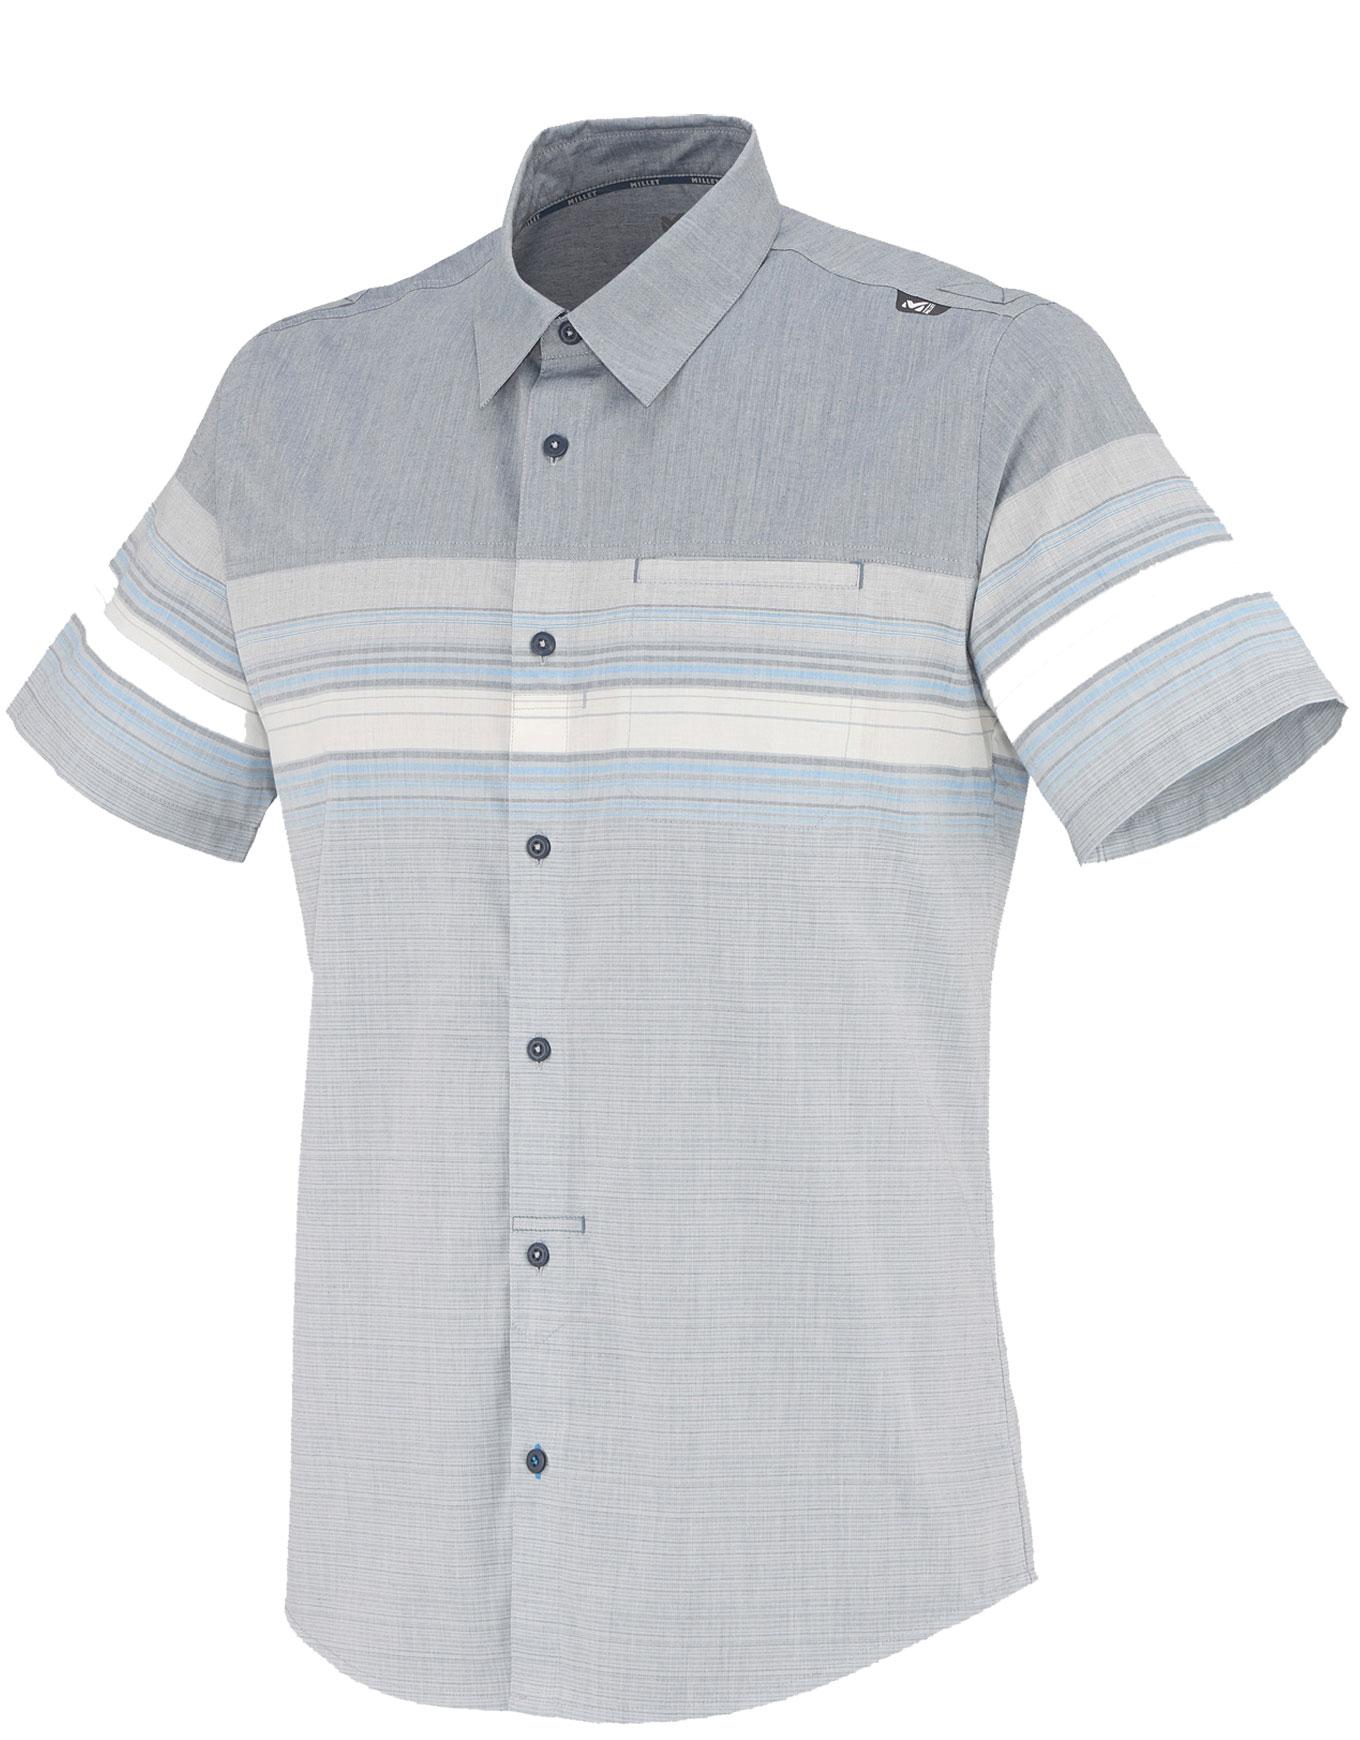 c27e3133817c4 Chemises randonnée homme, achat chemise randonnée : Snowleader